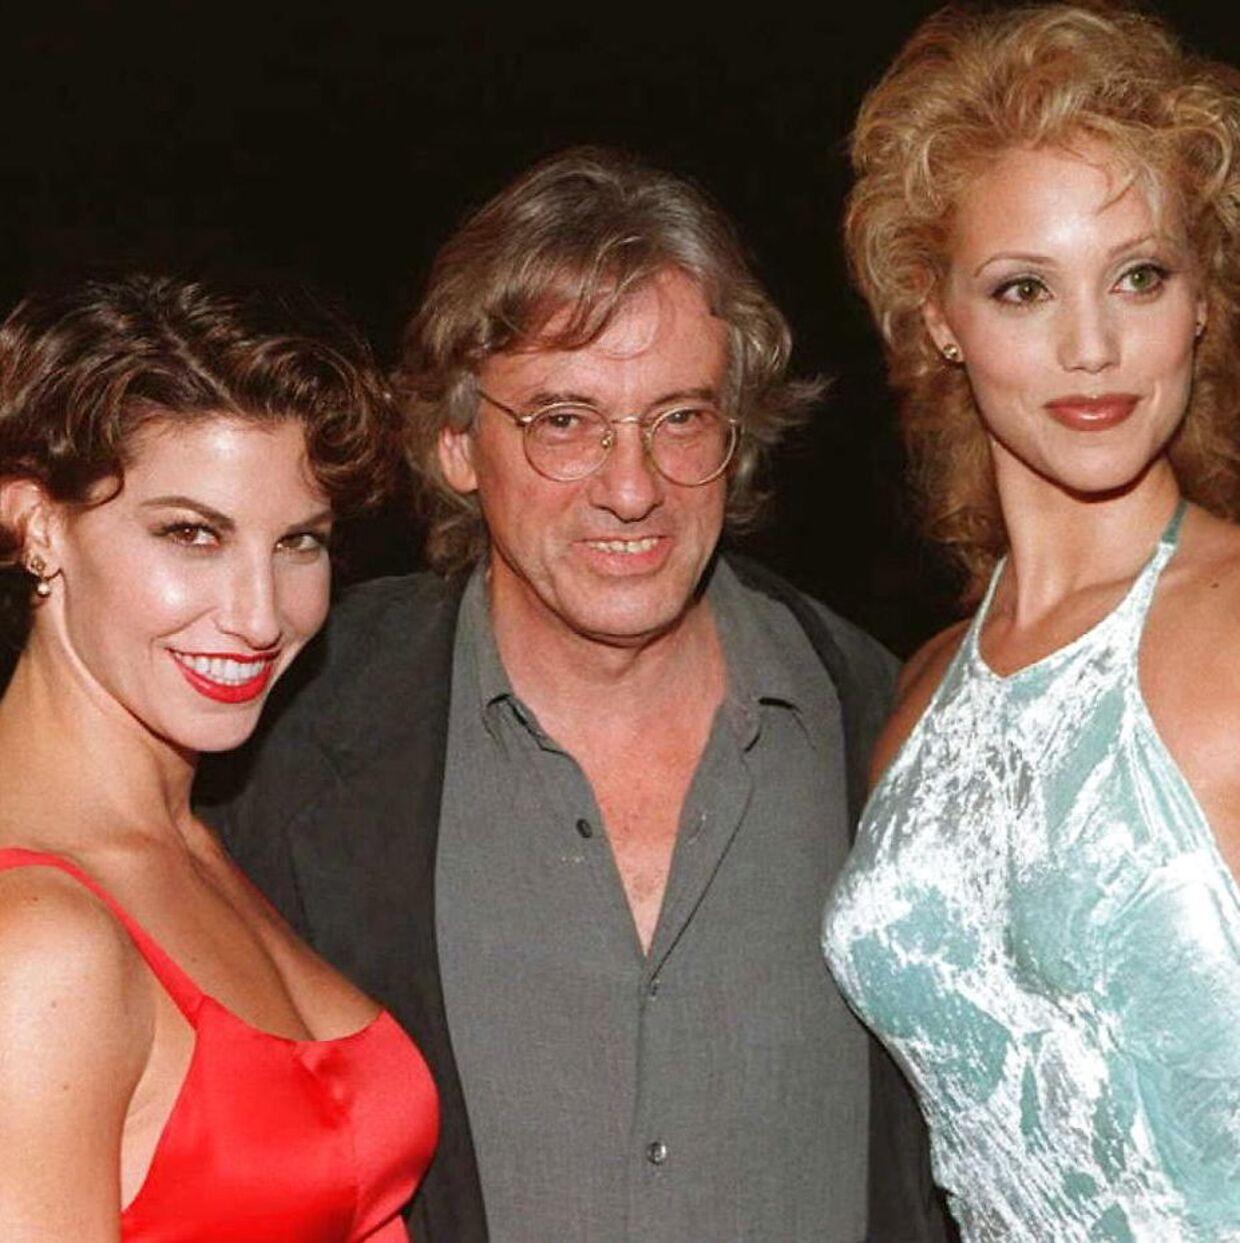 Instruktør Paul Verhoeven sammen med Gina Gershon og Elizabeth Berkley fotograferet i forbindelse med premieren på 'Showgirls' fra 1995.